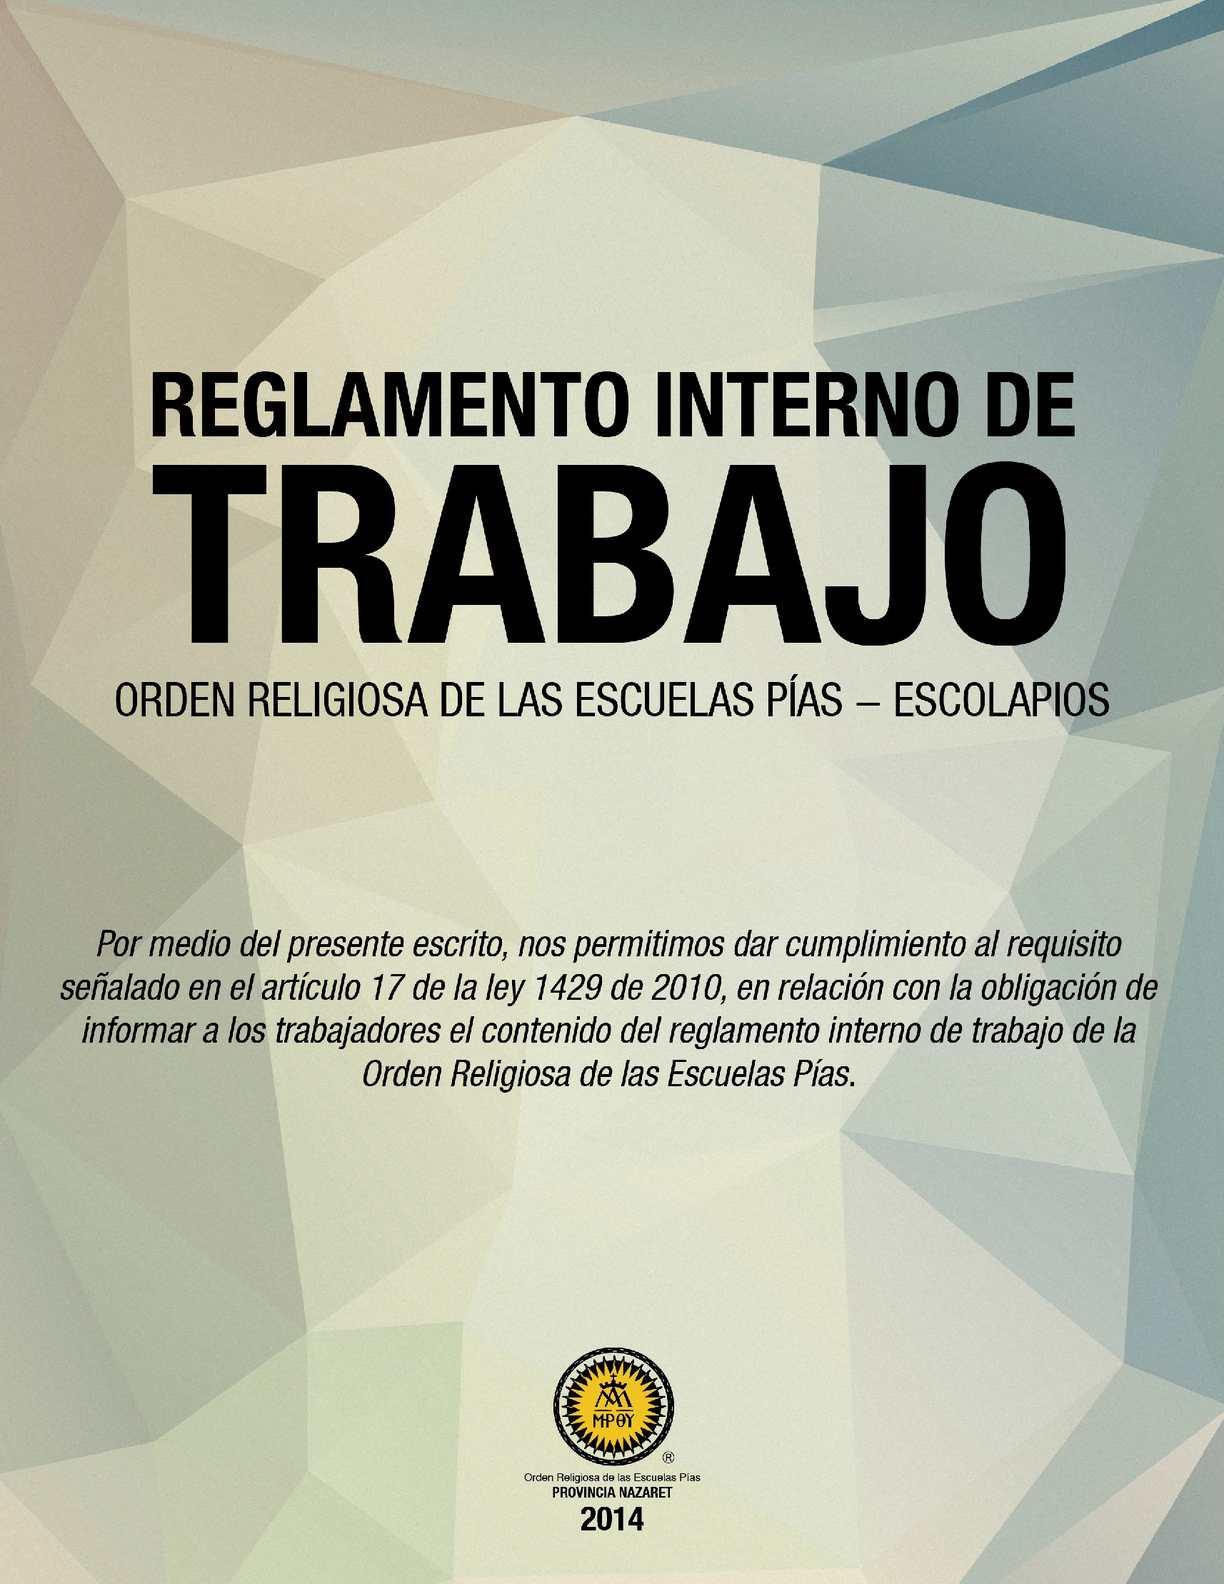 Calamo  Reglamento Interno de Trabajo Colegio Calasanz